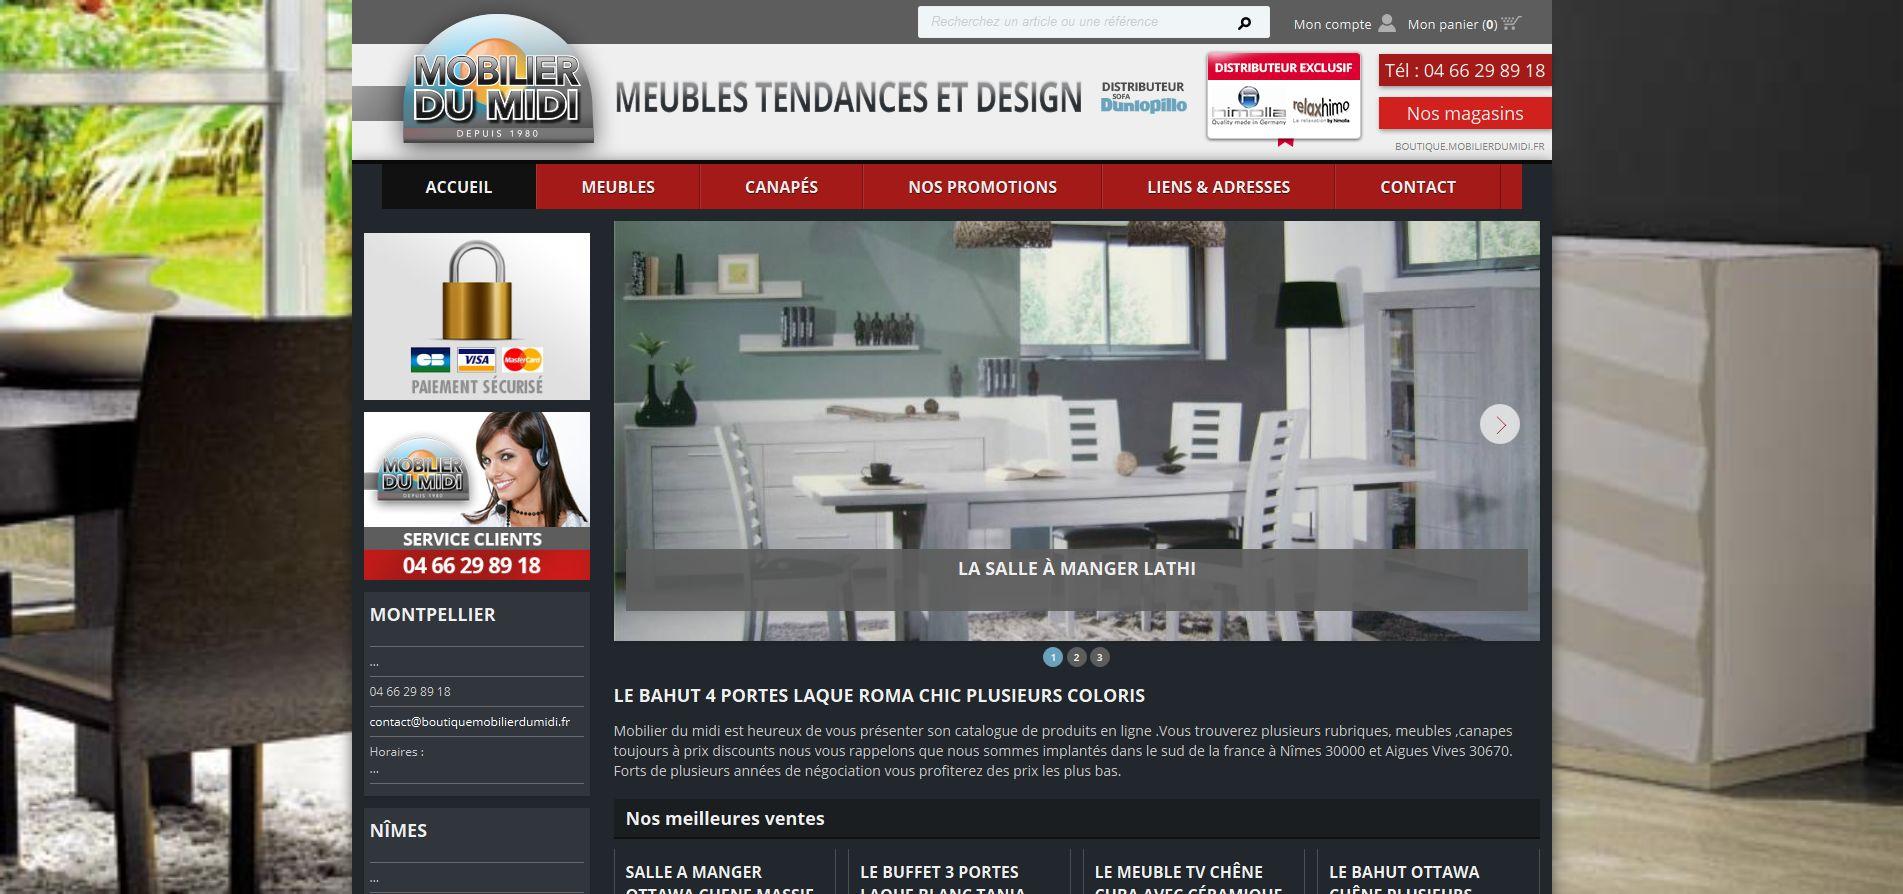 Vente en ligne de meubles bas prix mobilier du midi - Ameublement en ligne ...